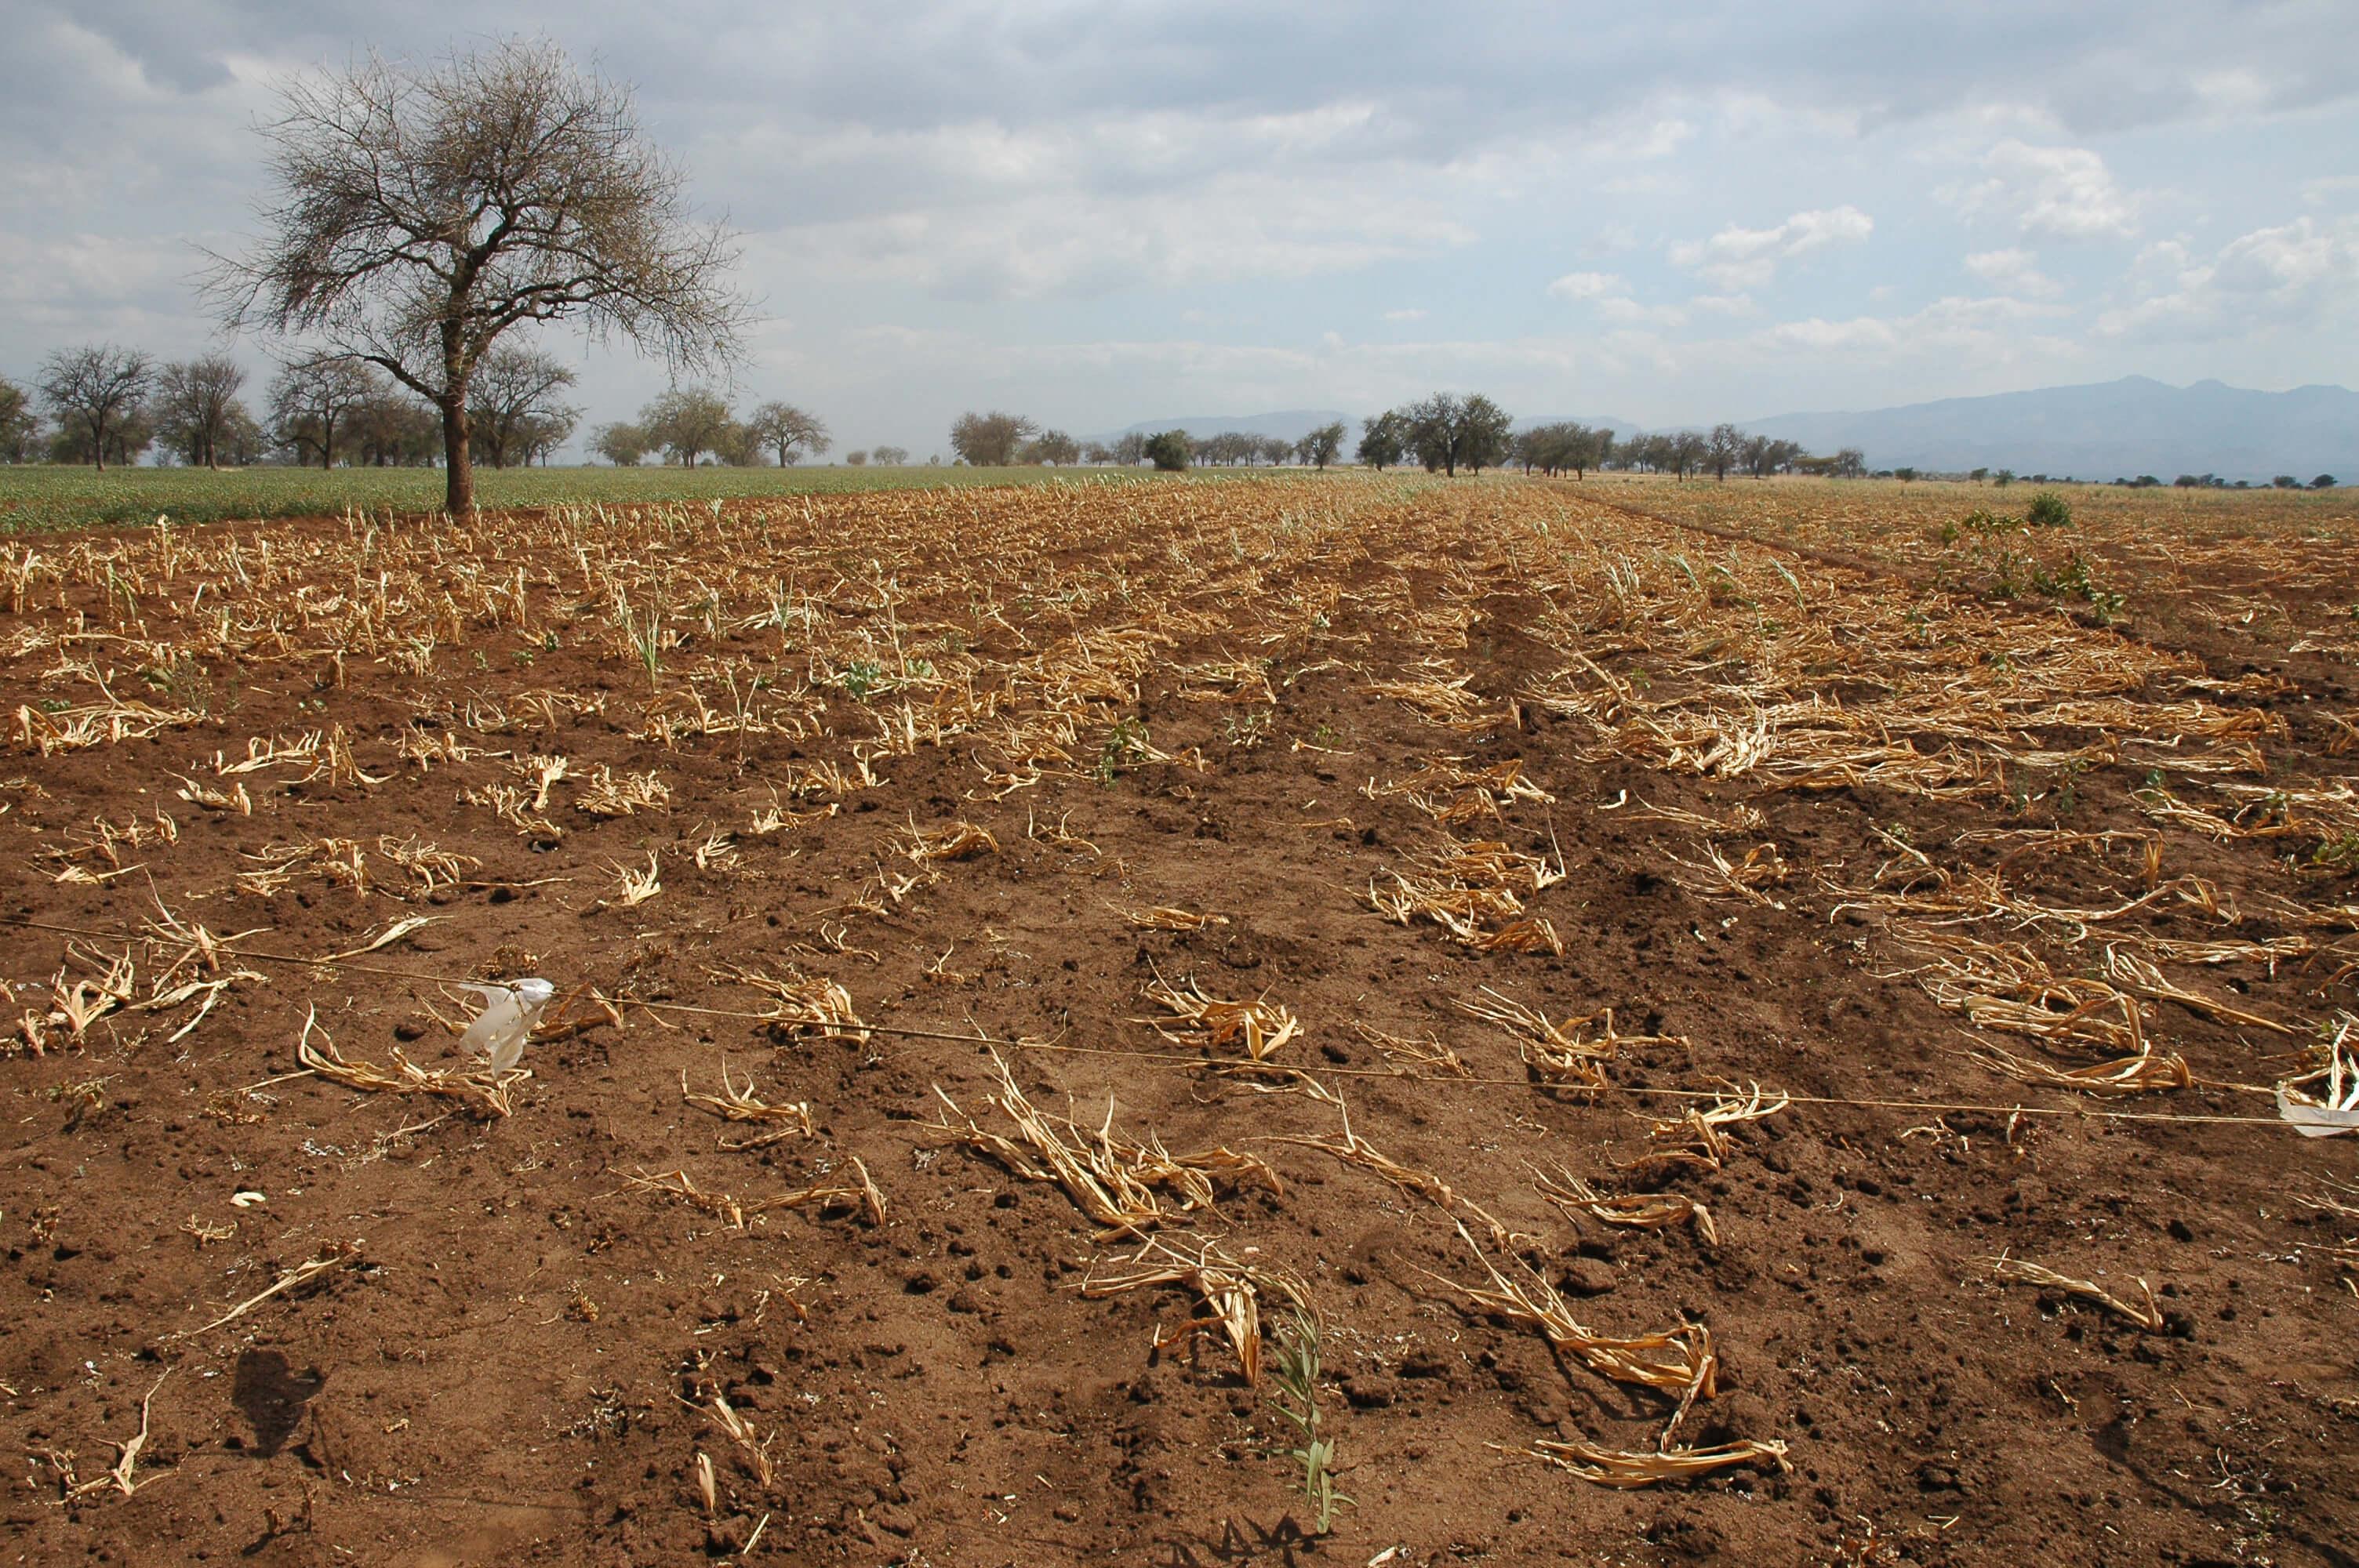 crop drought in tanzania